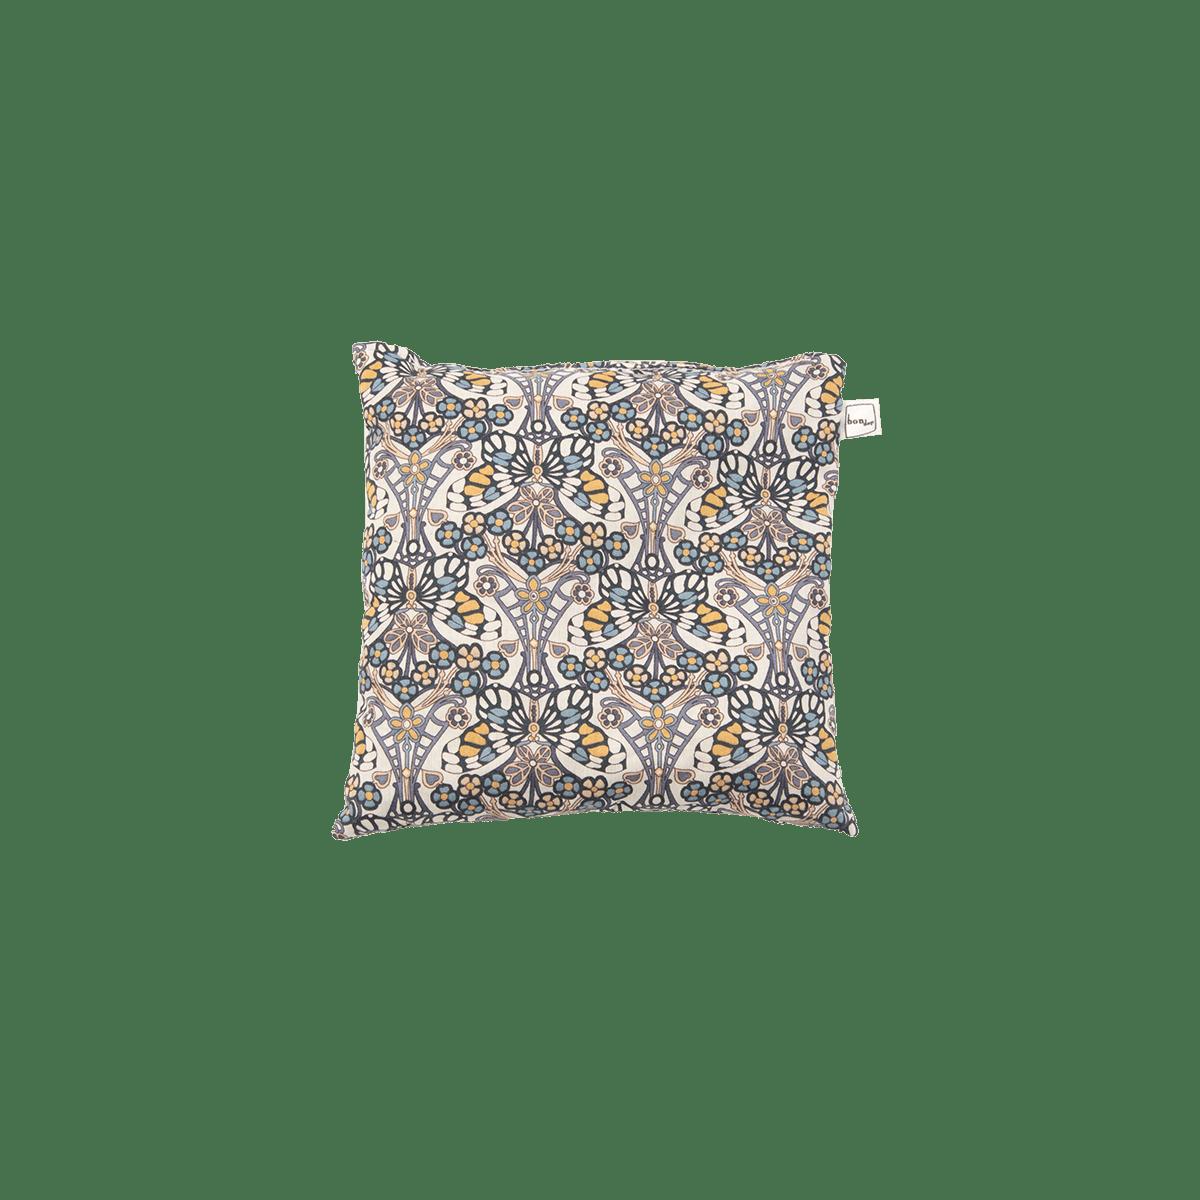 Liberty Lavendelpose - Morris butterfly -